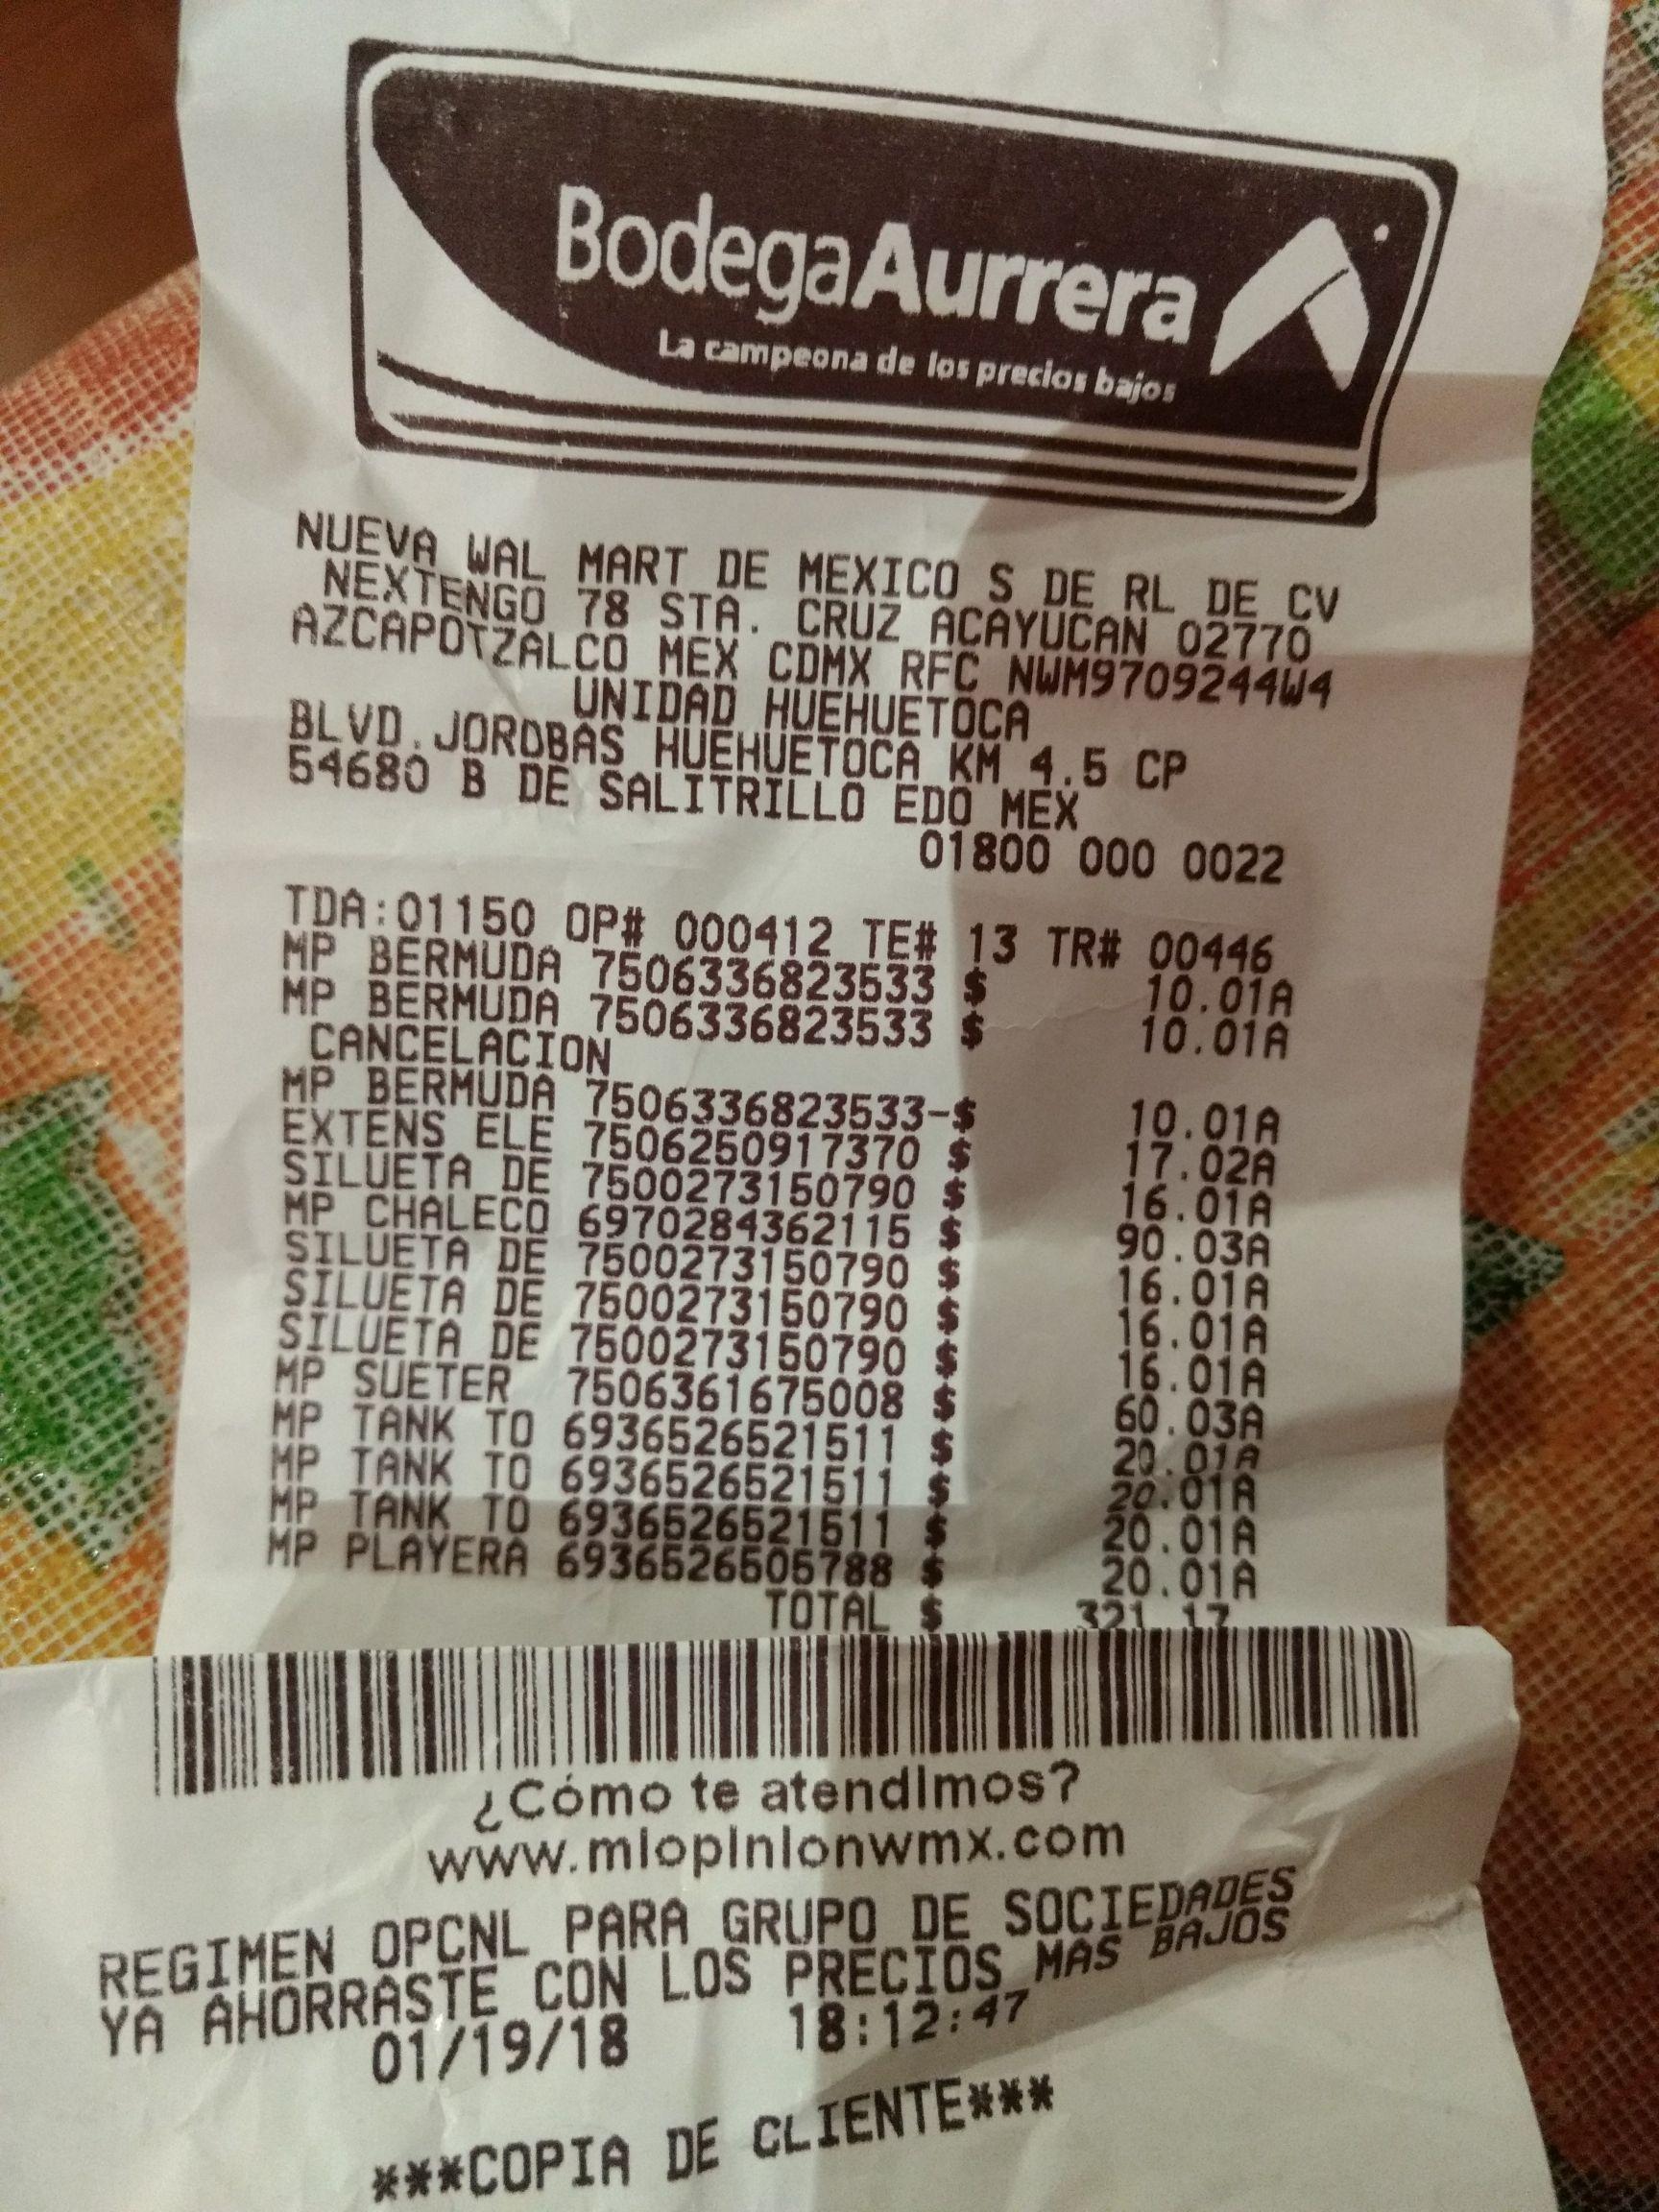 Bodega Aurrera ofertas desde .03, .02 y .01